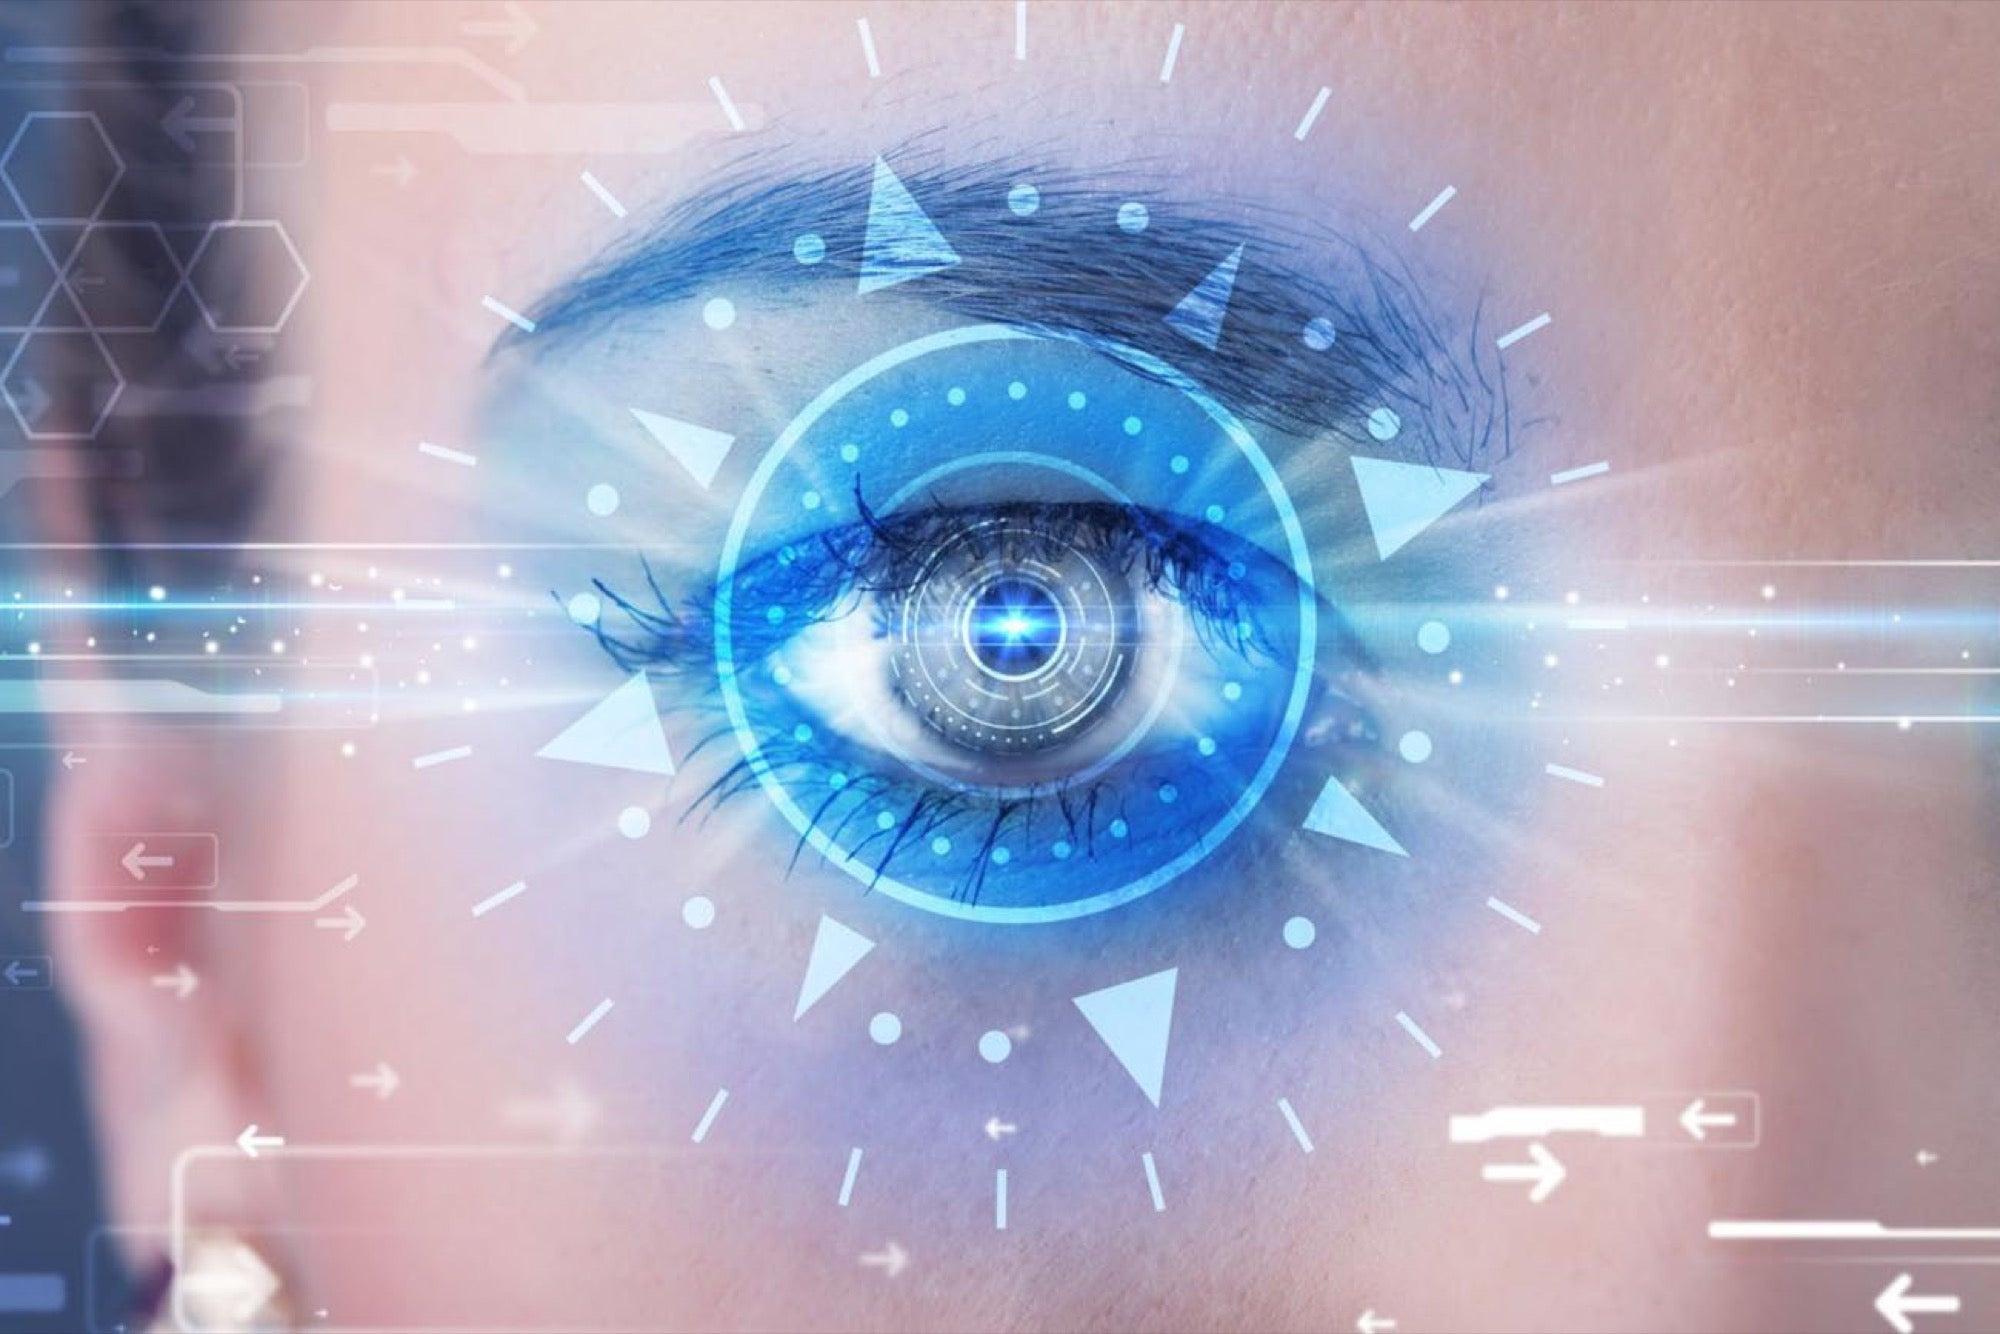 этом картинки на аватарку для ватсапа прикольные магические на защиту от врагов или водителю маршрутки